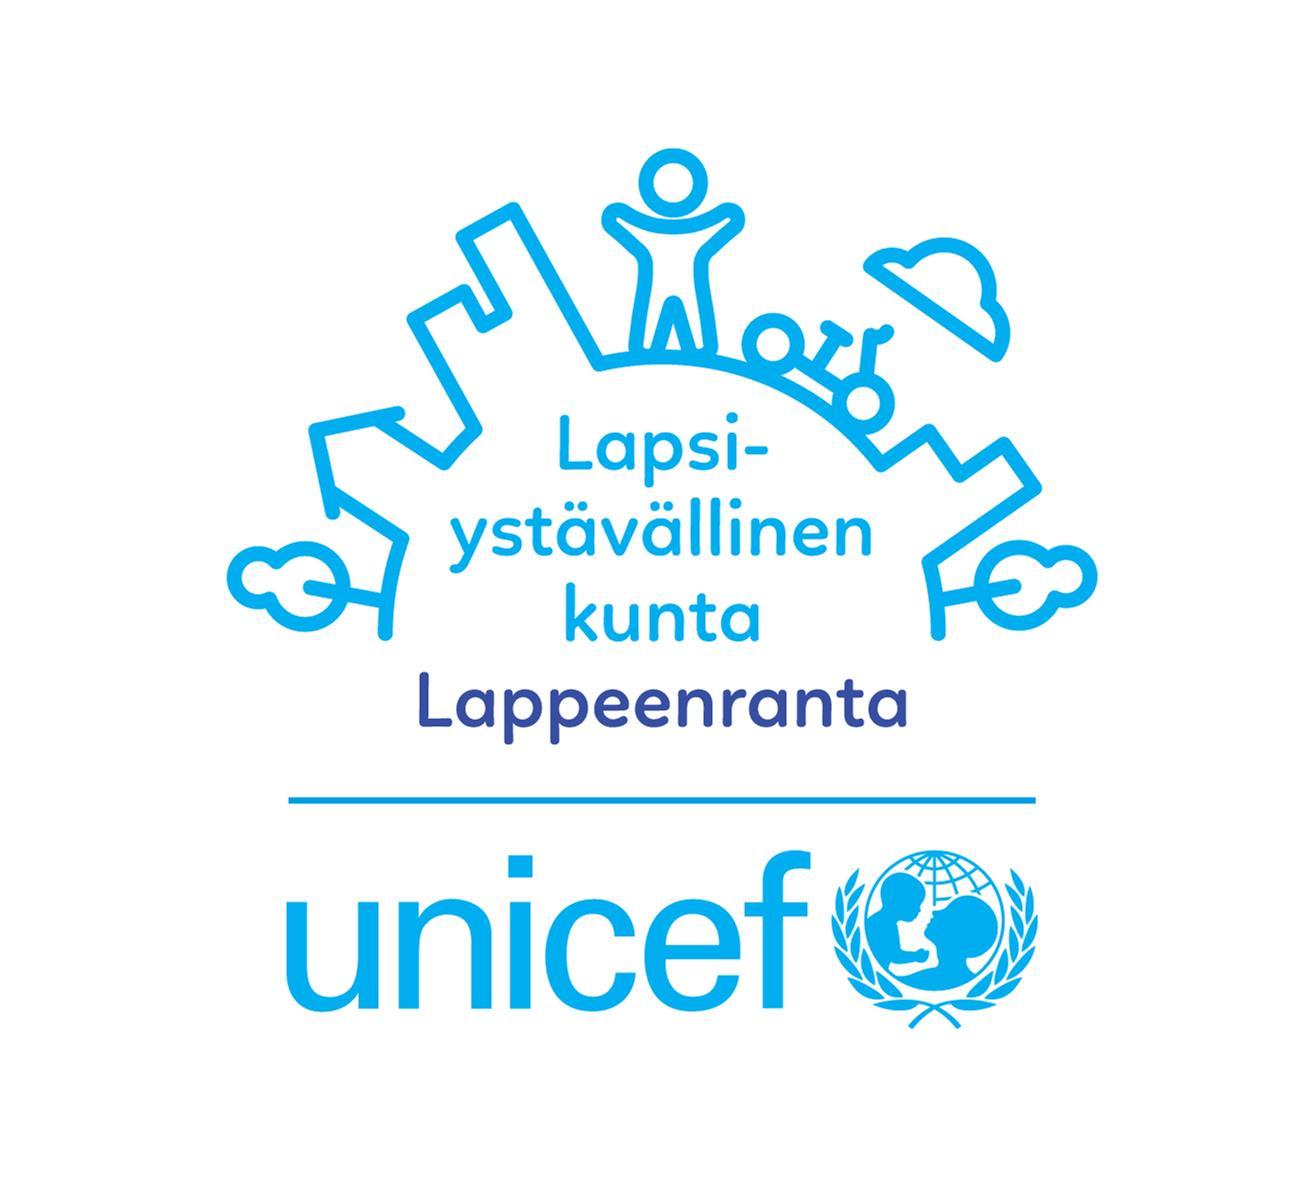 lyk_logo_lappeenranta_pysty_rgb.jpg (89 KB)